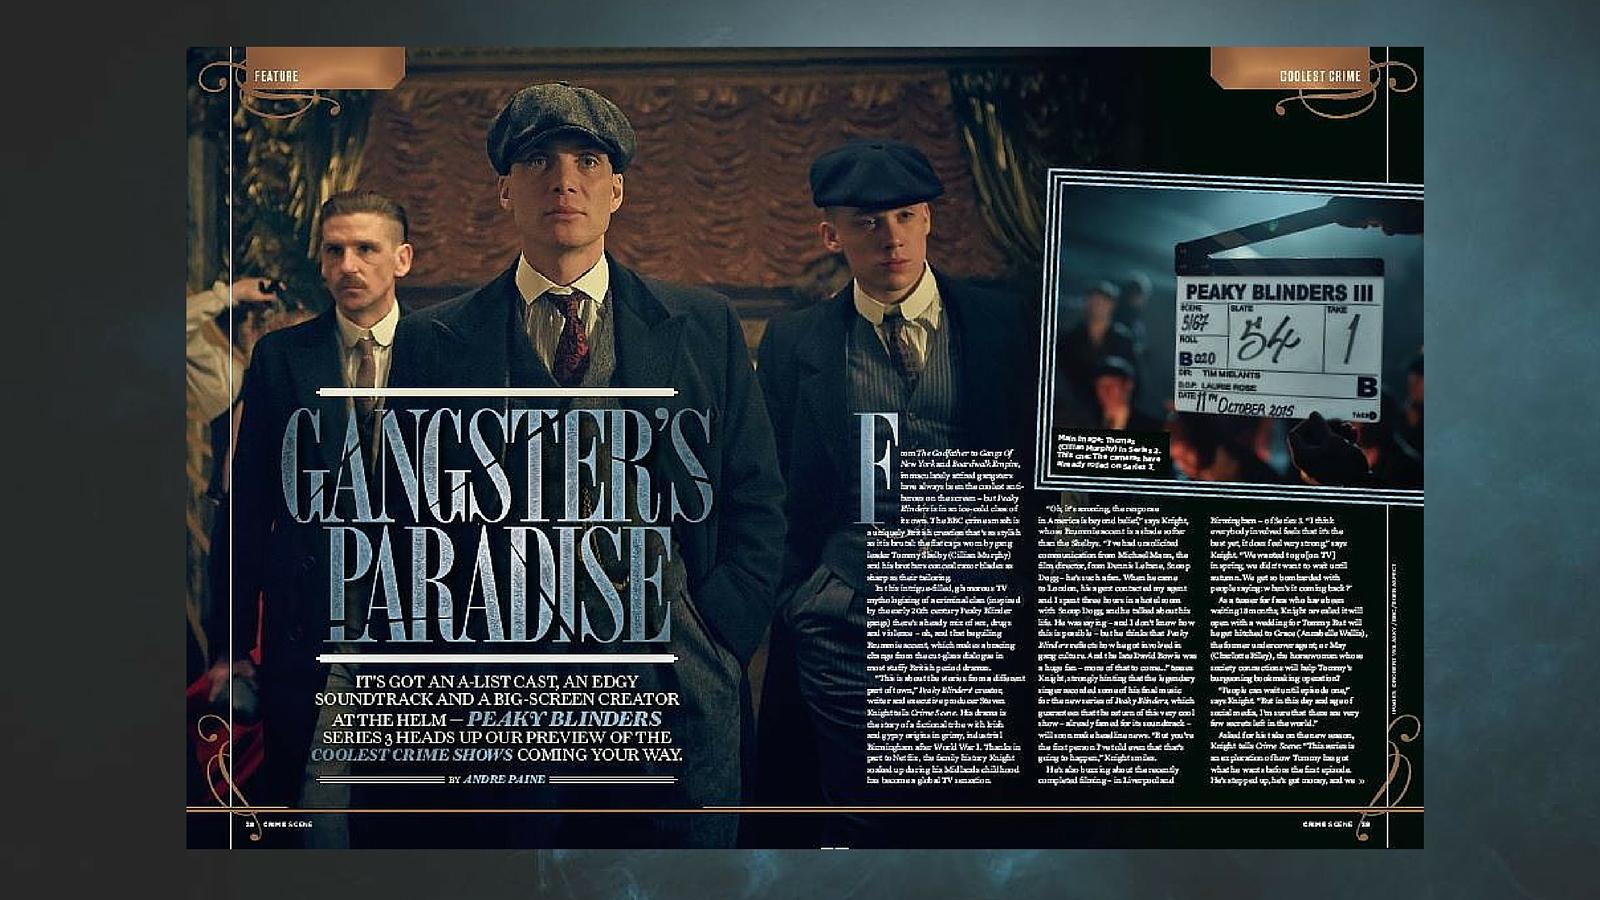 أول صفحتين من تقرير مجلة Crime Scene حول الموسم الثالث